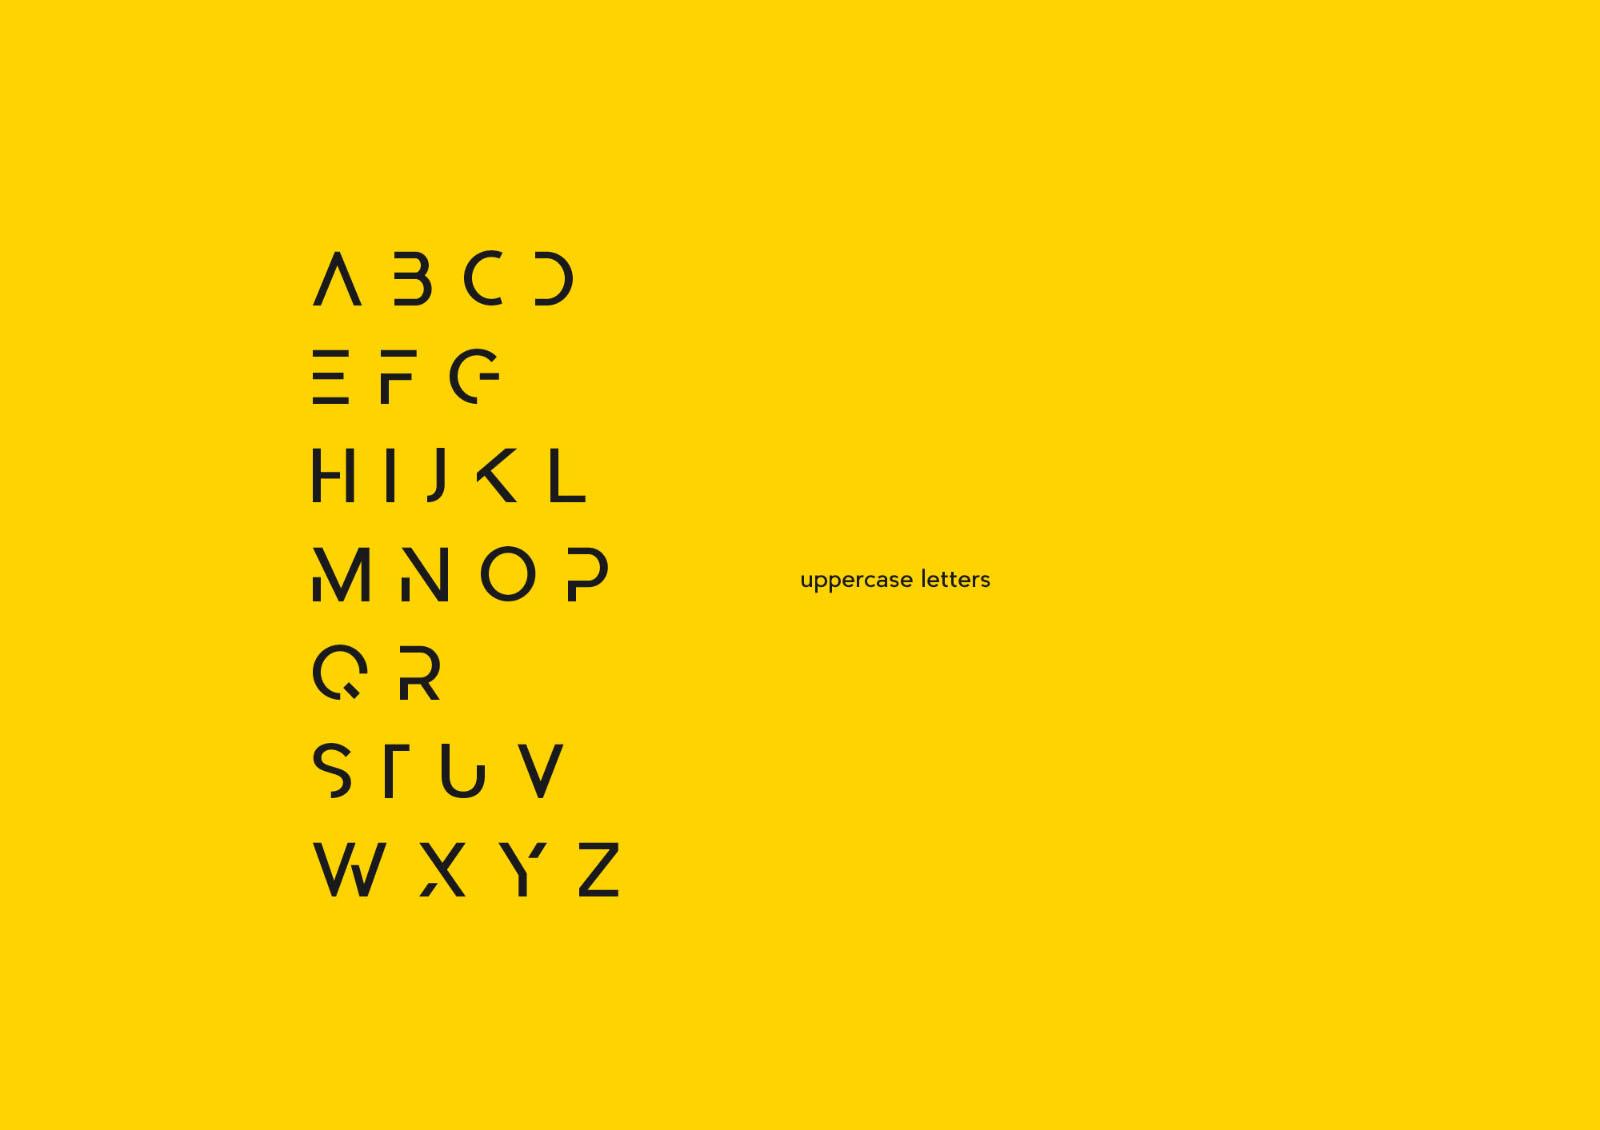 Abster Font Appercase Letters